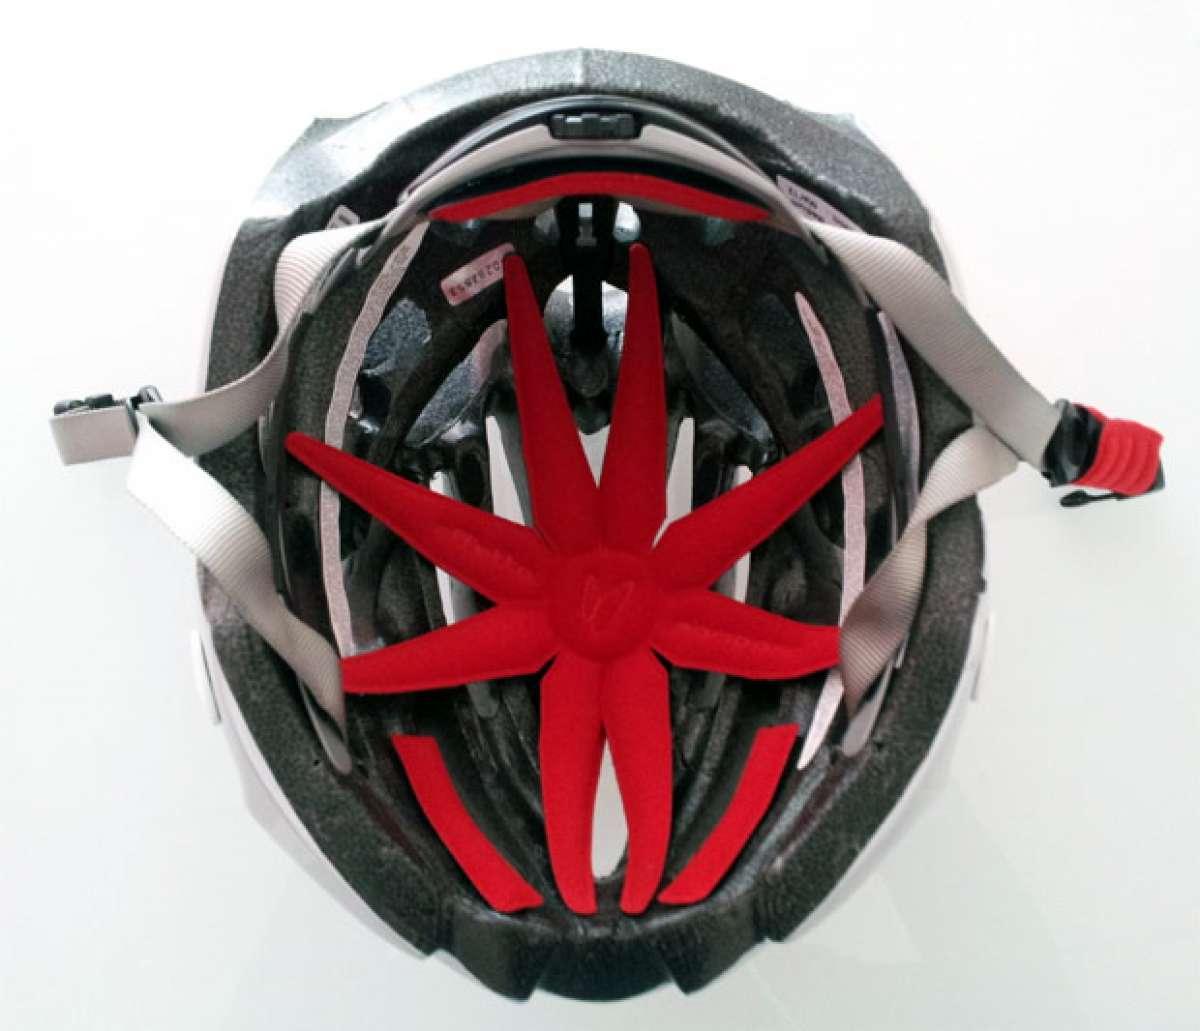 Octoplus: Unas cómodas e interesantes almohadillas de recambio para nuestro casco